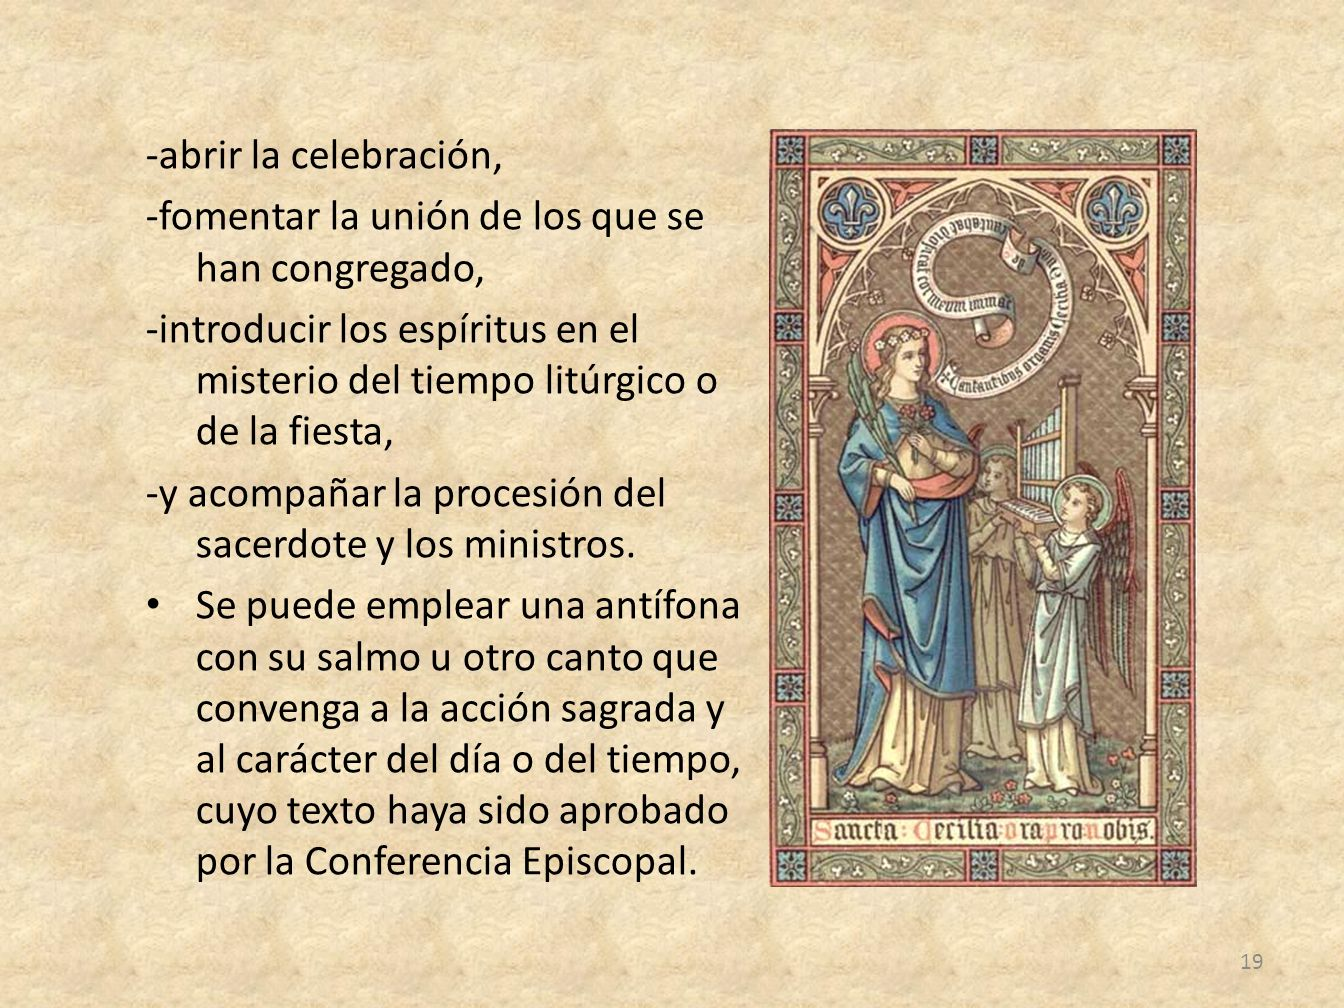 -abrir la celebración, -fomentar la unión de los que se han congregado, -introducir los espíritus en el misterio del tiempo litúrgico o de la fiesta,